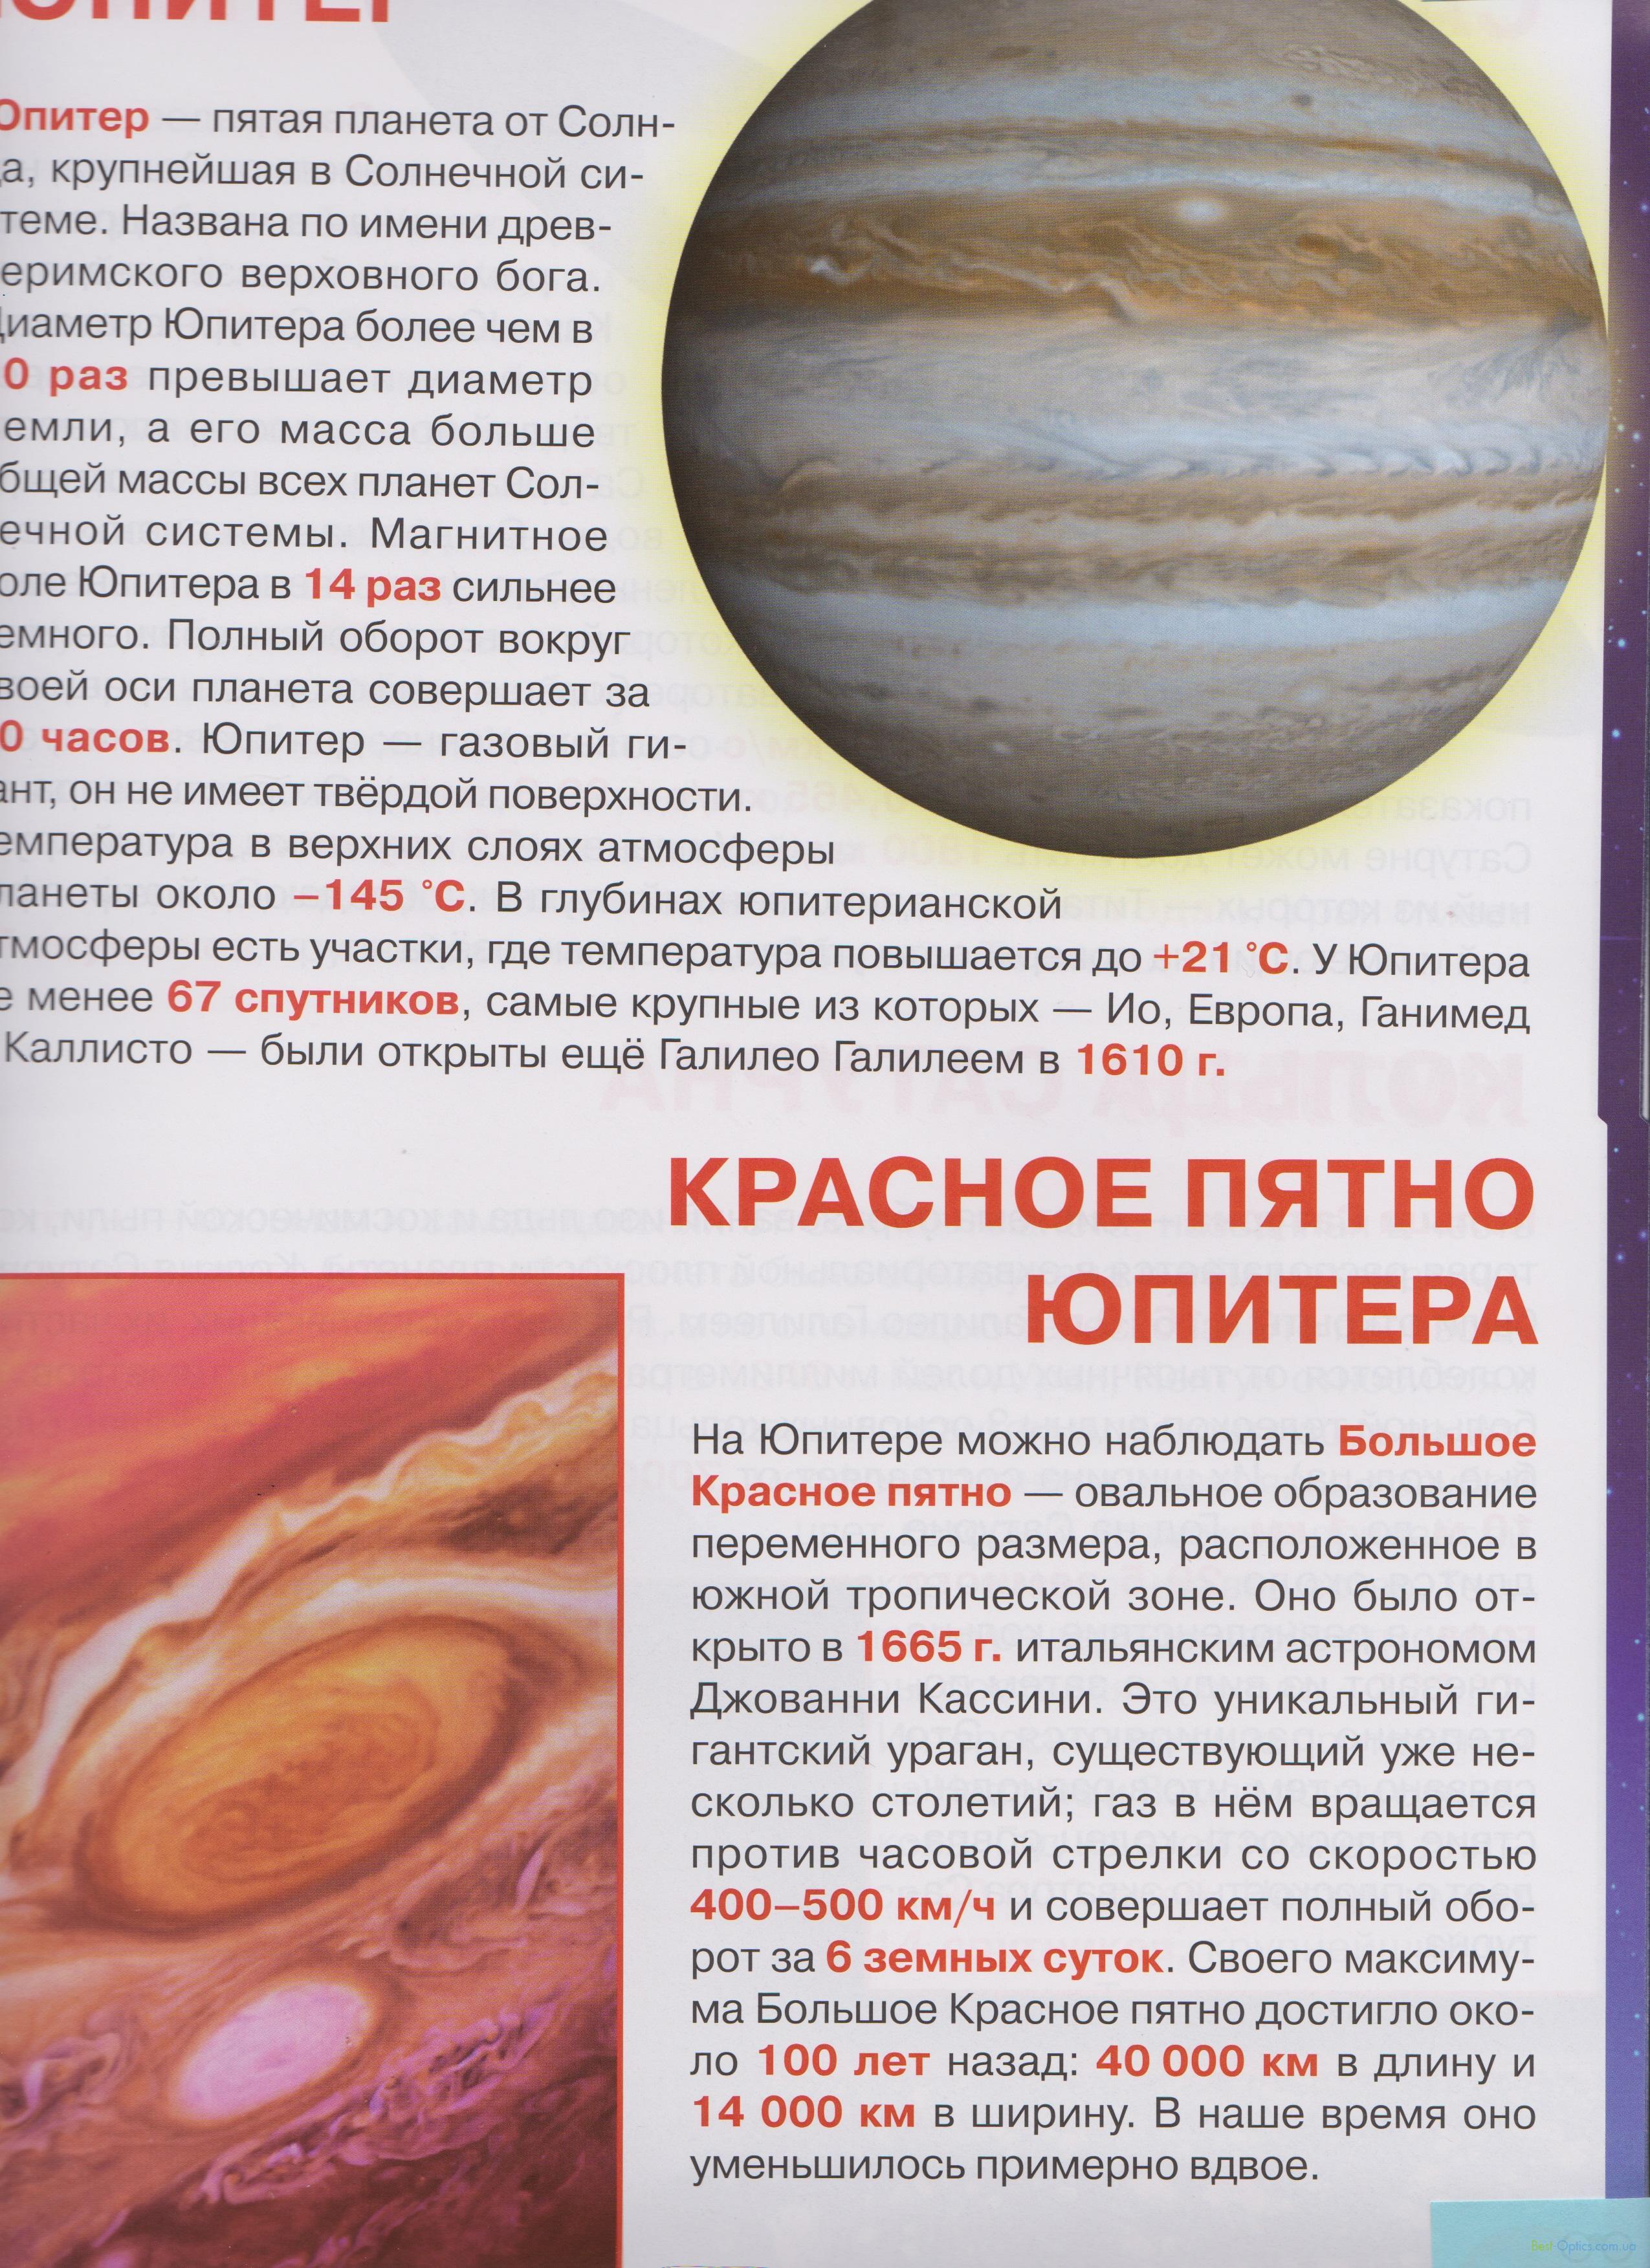 Журнал про Космос